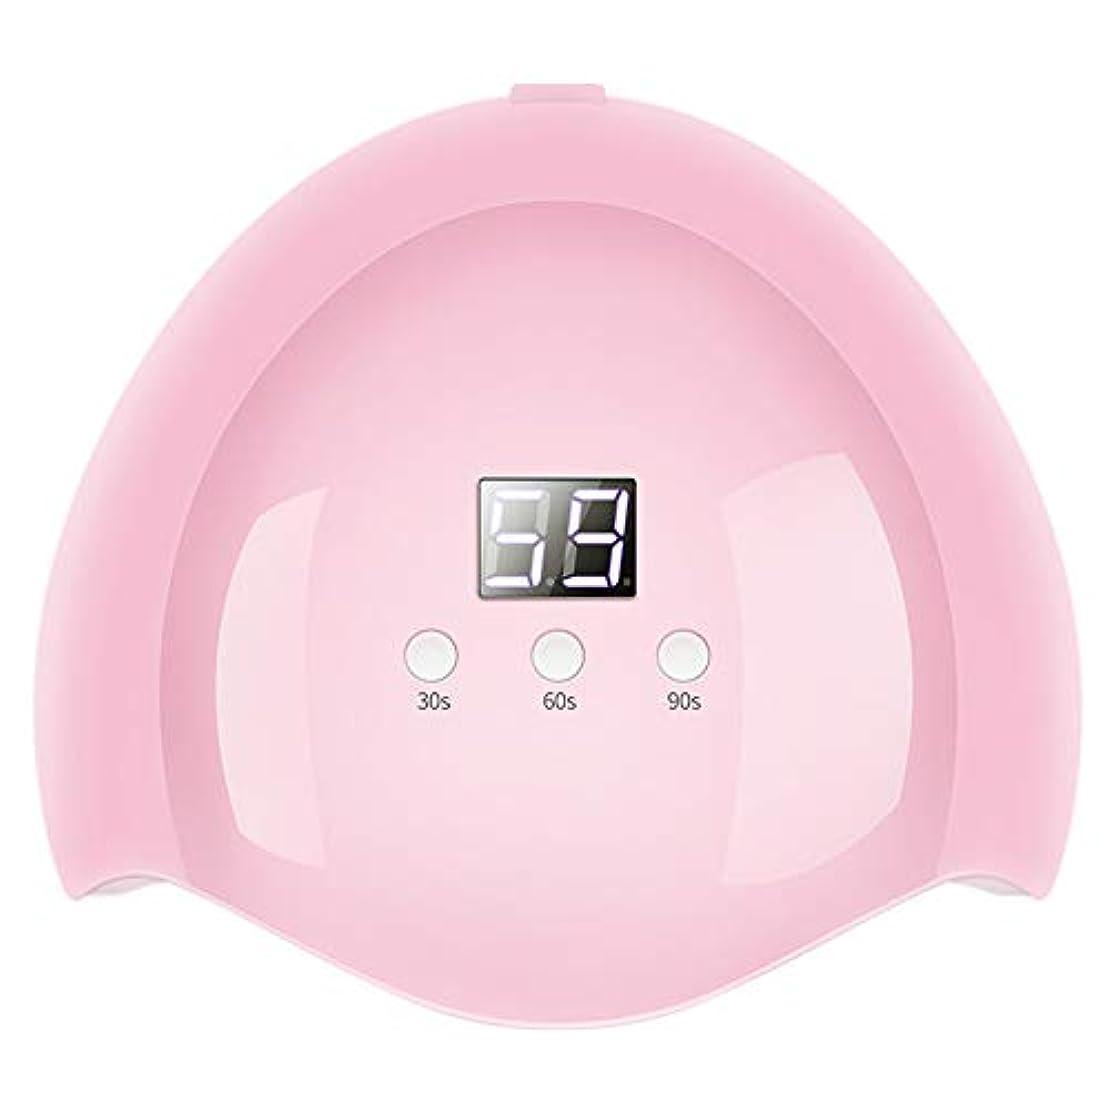 エレベーター地獄側面グレファイディンドライヤーネイルマシン36W UV LEDネイルアートランプ赤外線センシング光線療法ゲルポリッシュ硬化光 - ピンク